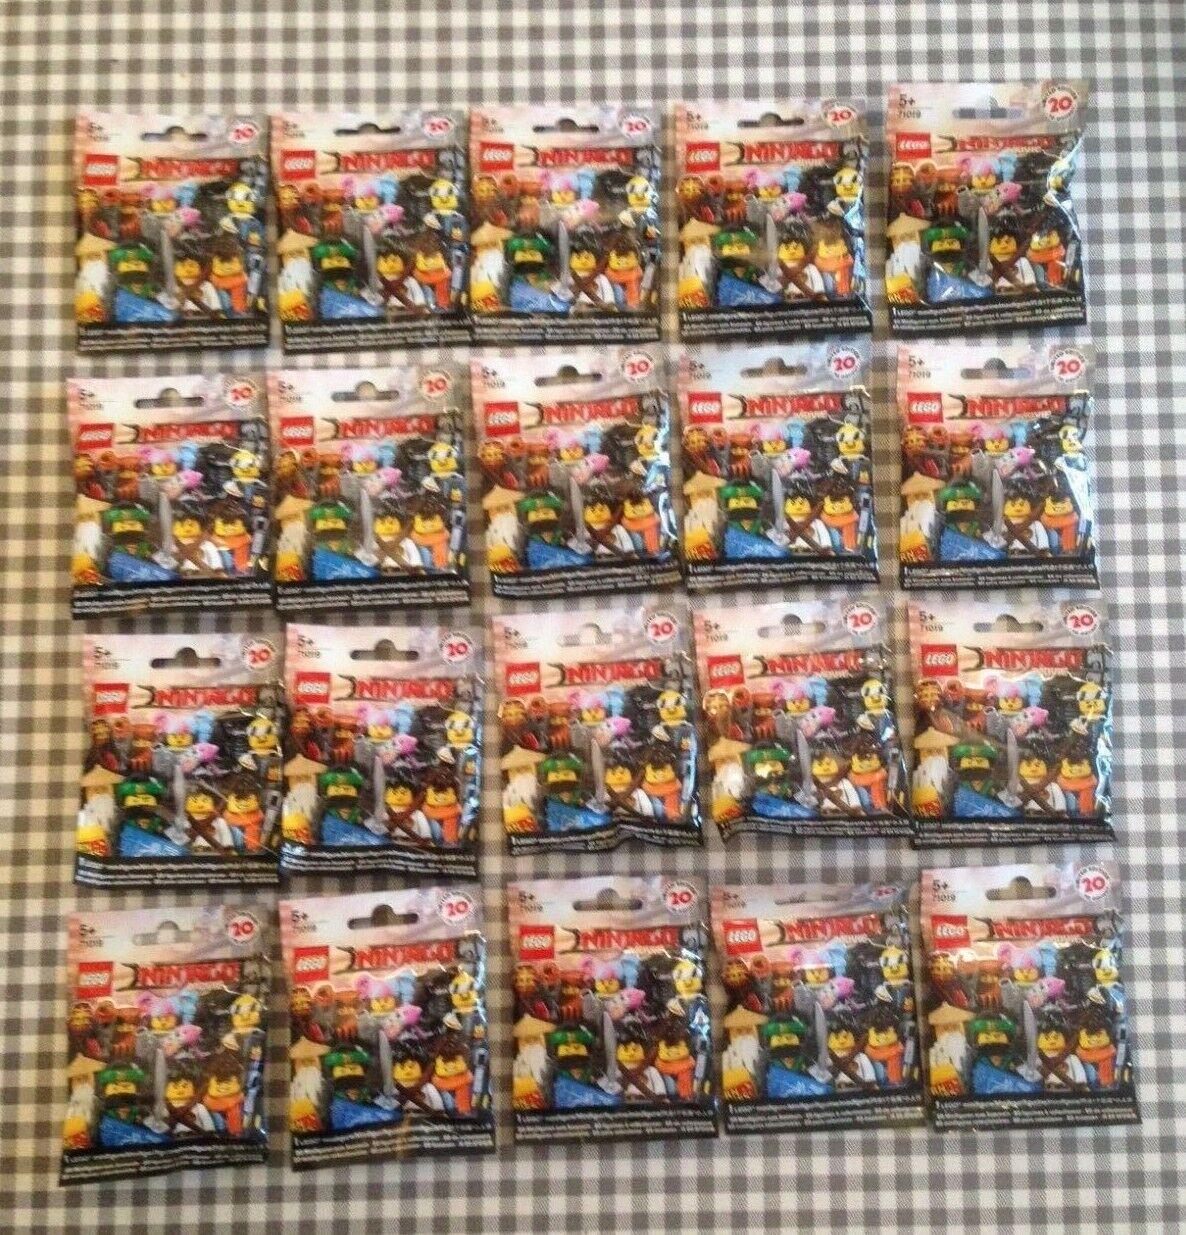 Lego ninjago movie series minifigures (71019) complete set 20 unopened sealed